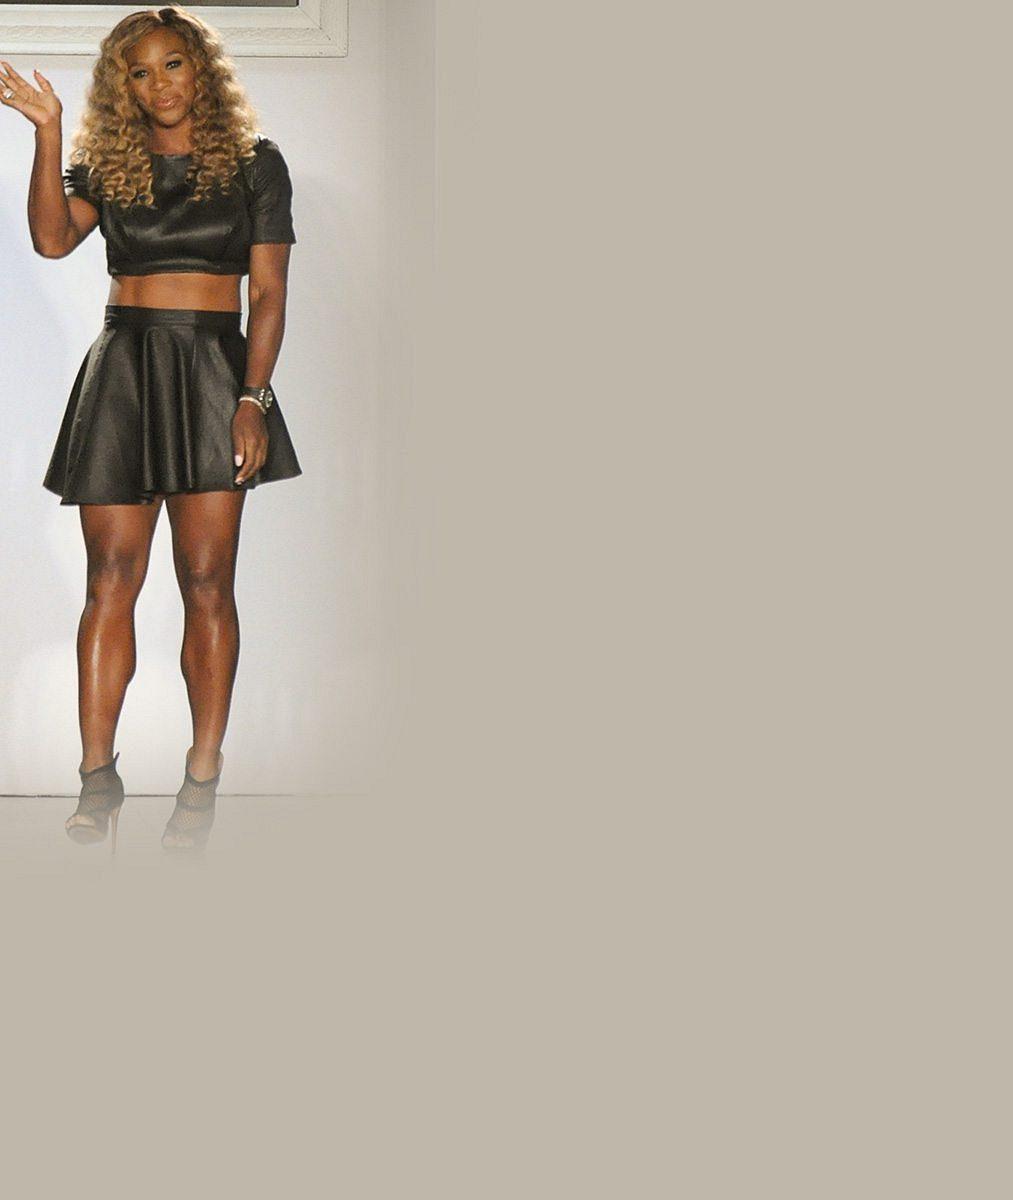 Svalnatá Serena Williams na přehlídkovém mole? Dopadlo to parádně!